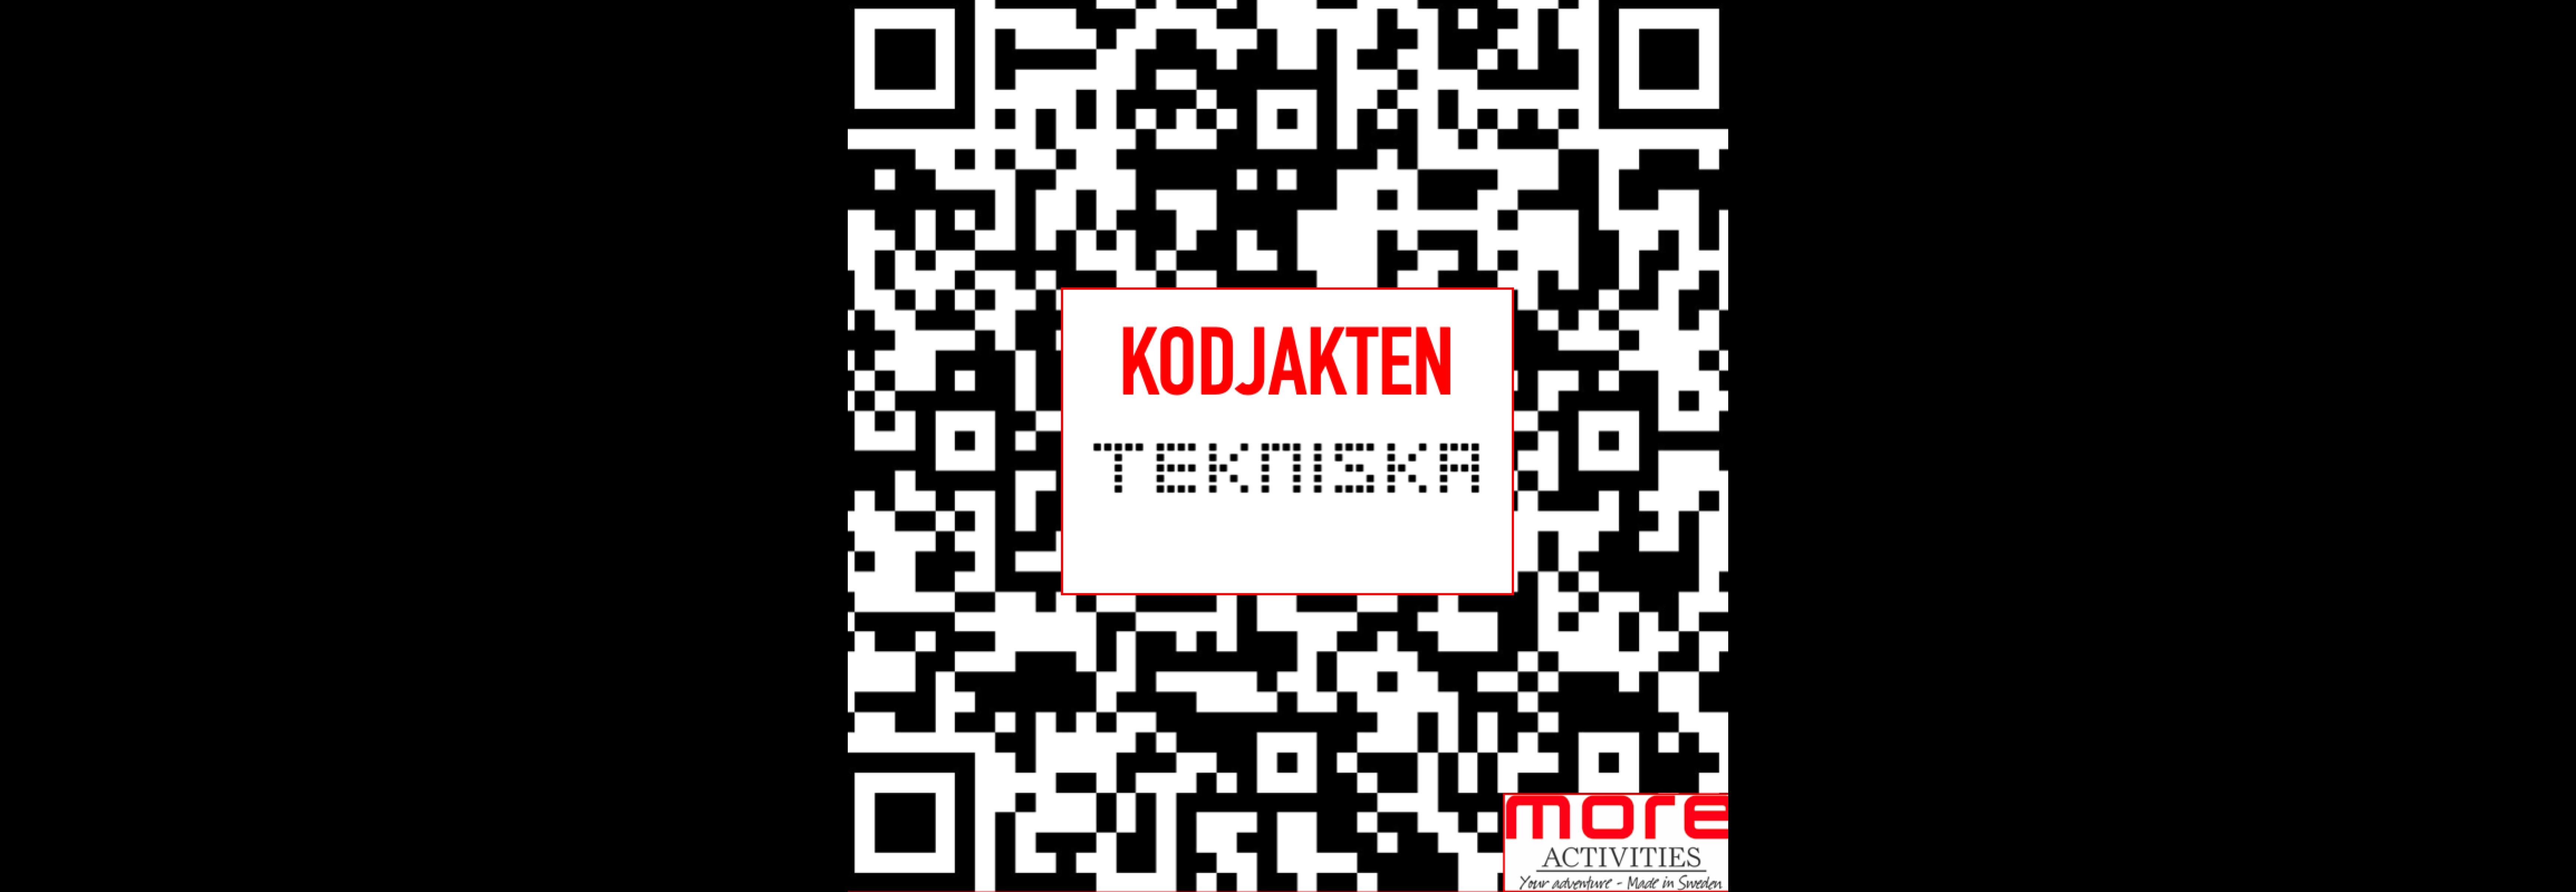 QR-kod med texten kodjakt tillsammans med tekniska logga